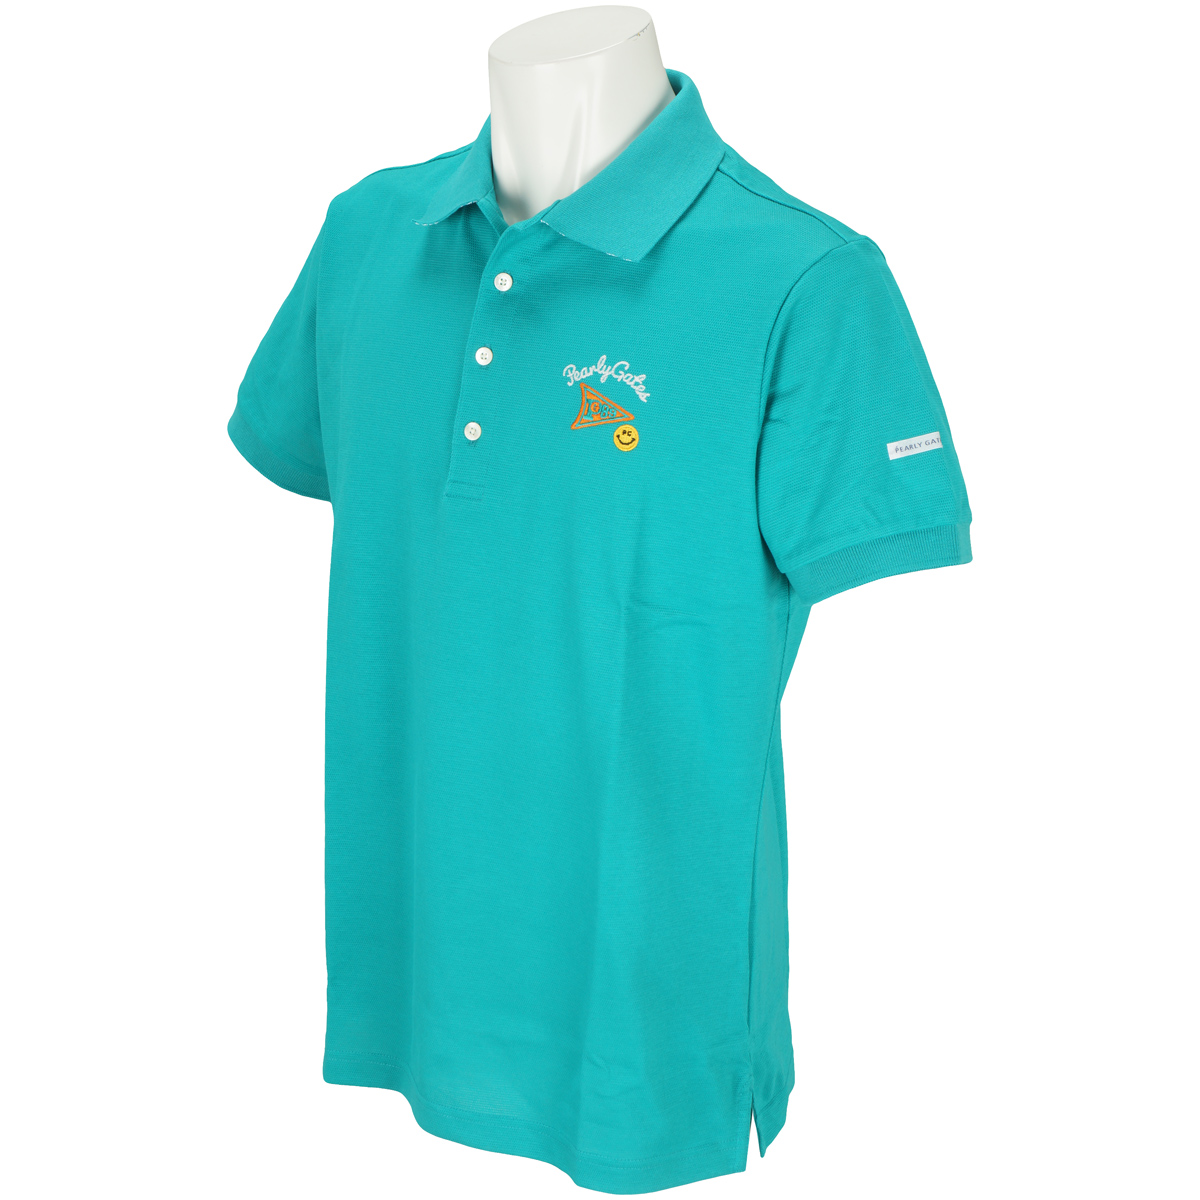 ペンタス鹿の子 半袖ポロシャツ